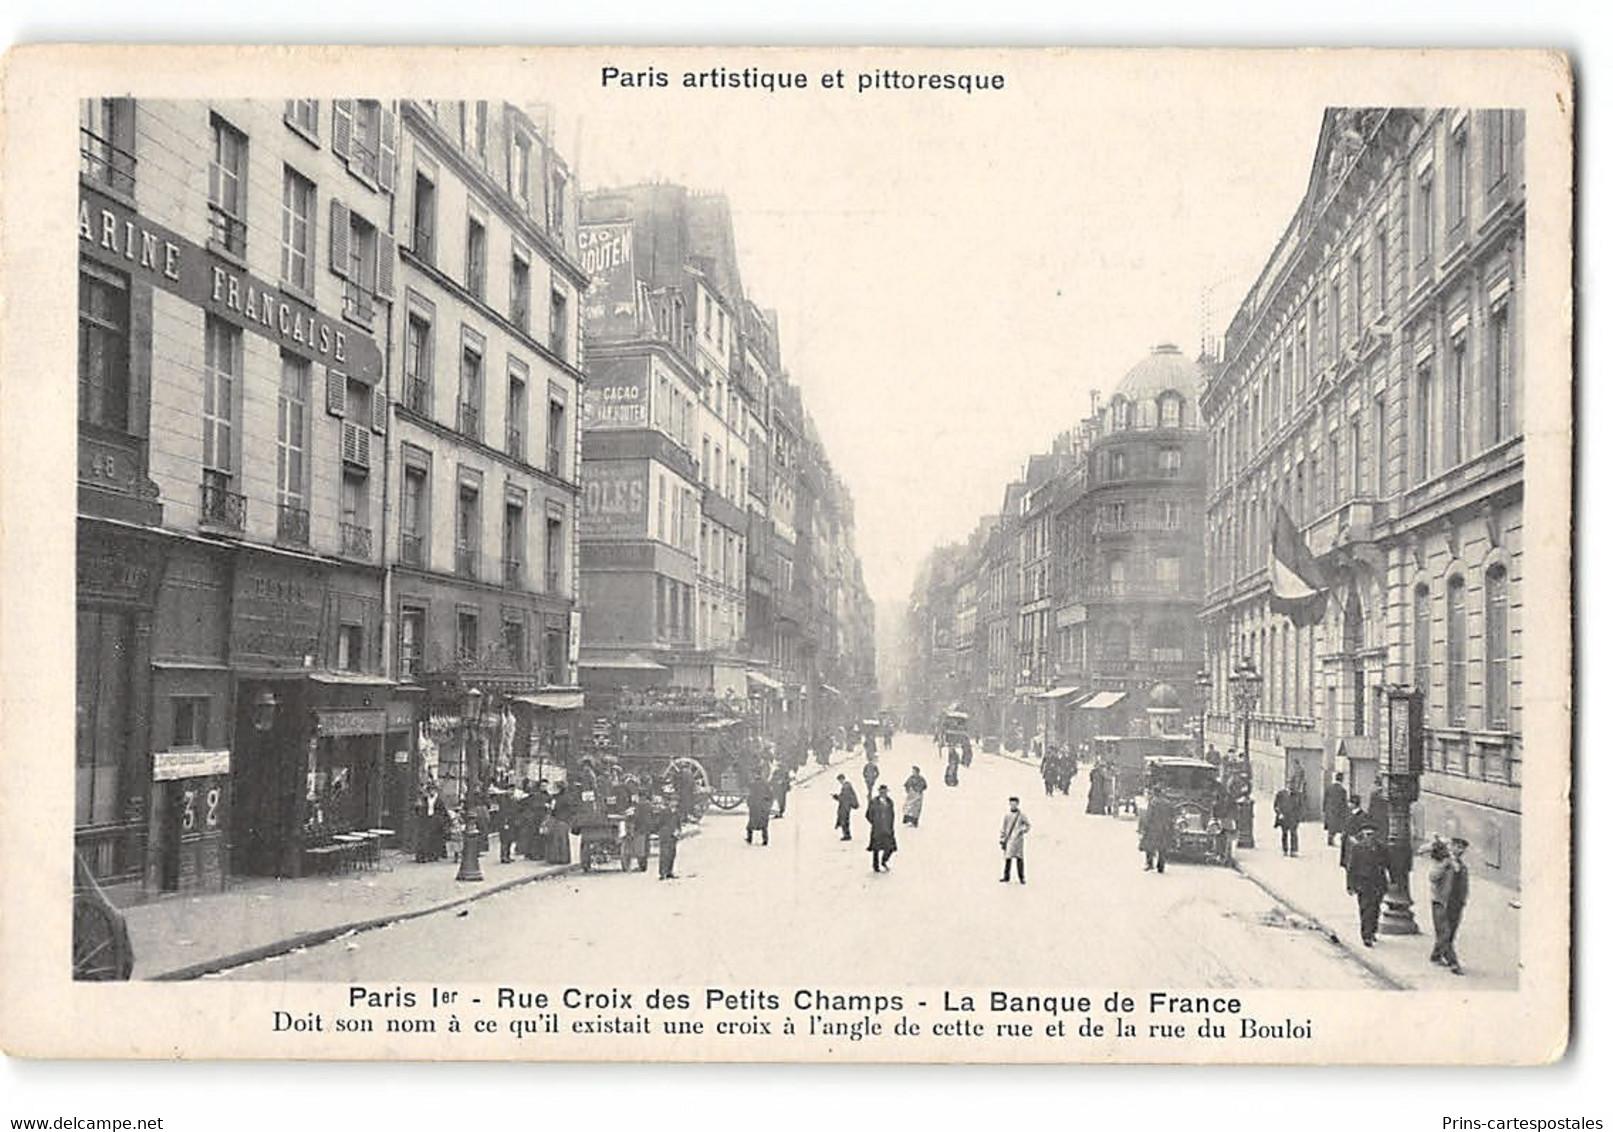 CPA 75 Paris 1er - Paris Artistique Et Pittoresque - Rue Croix Des Petits Champs - La Banque De France - Other Monuments